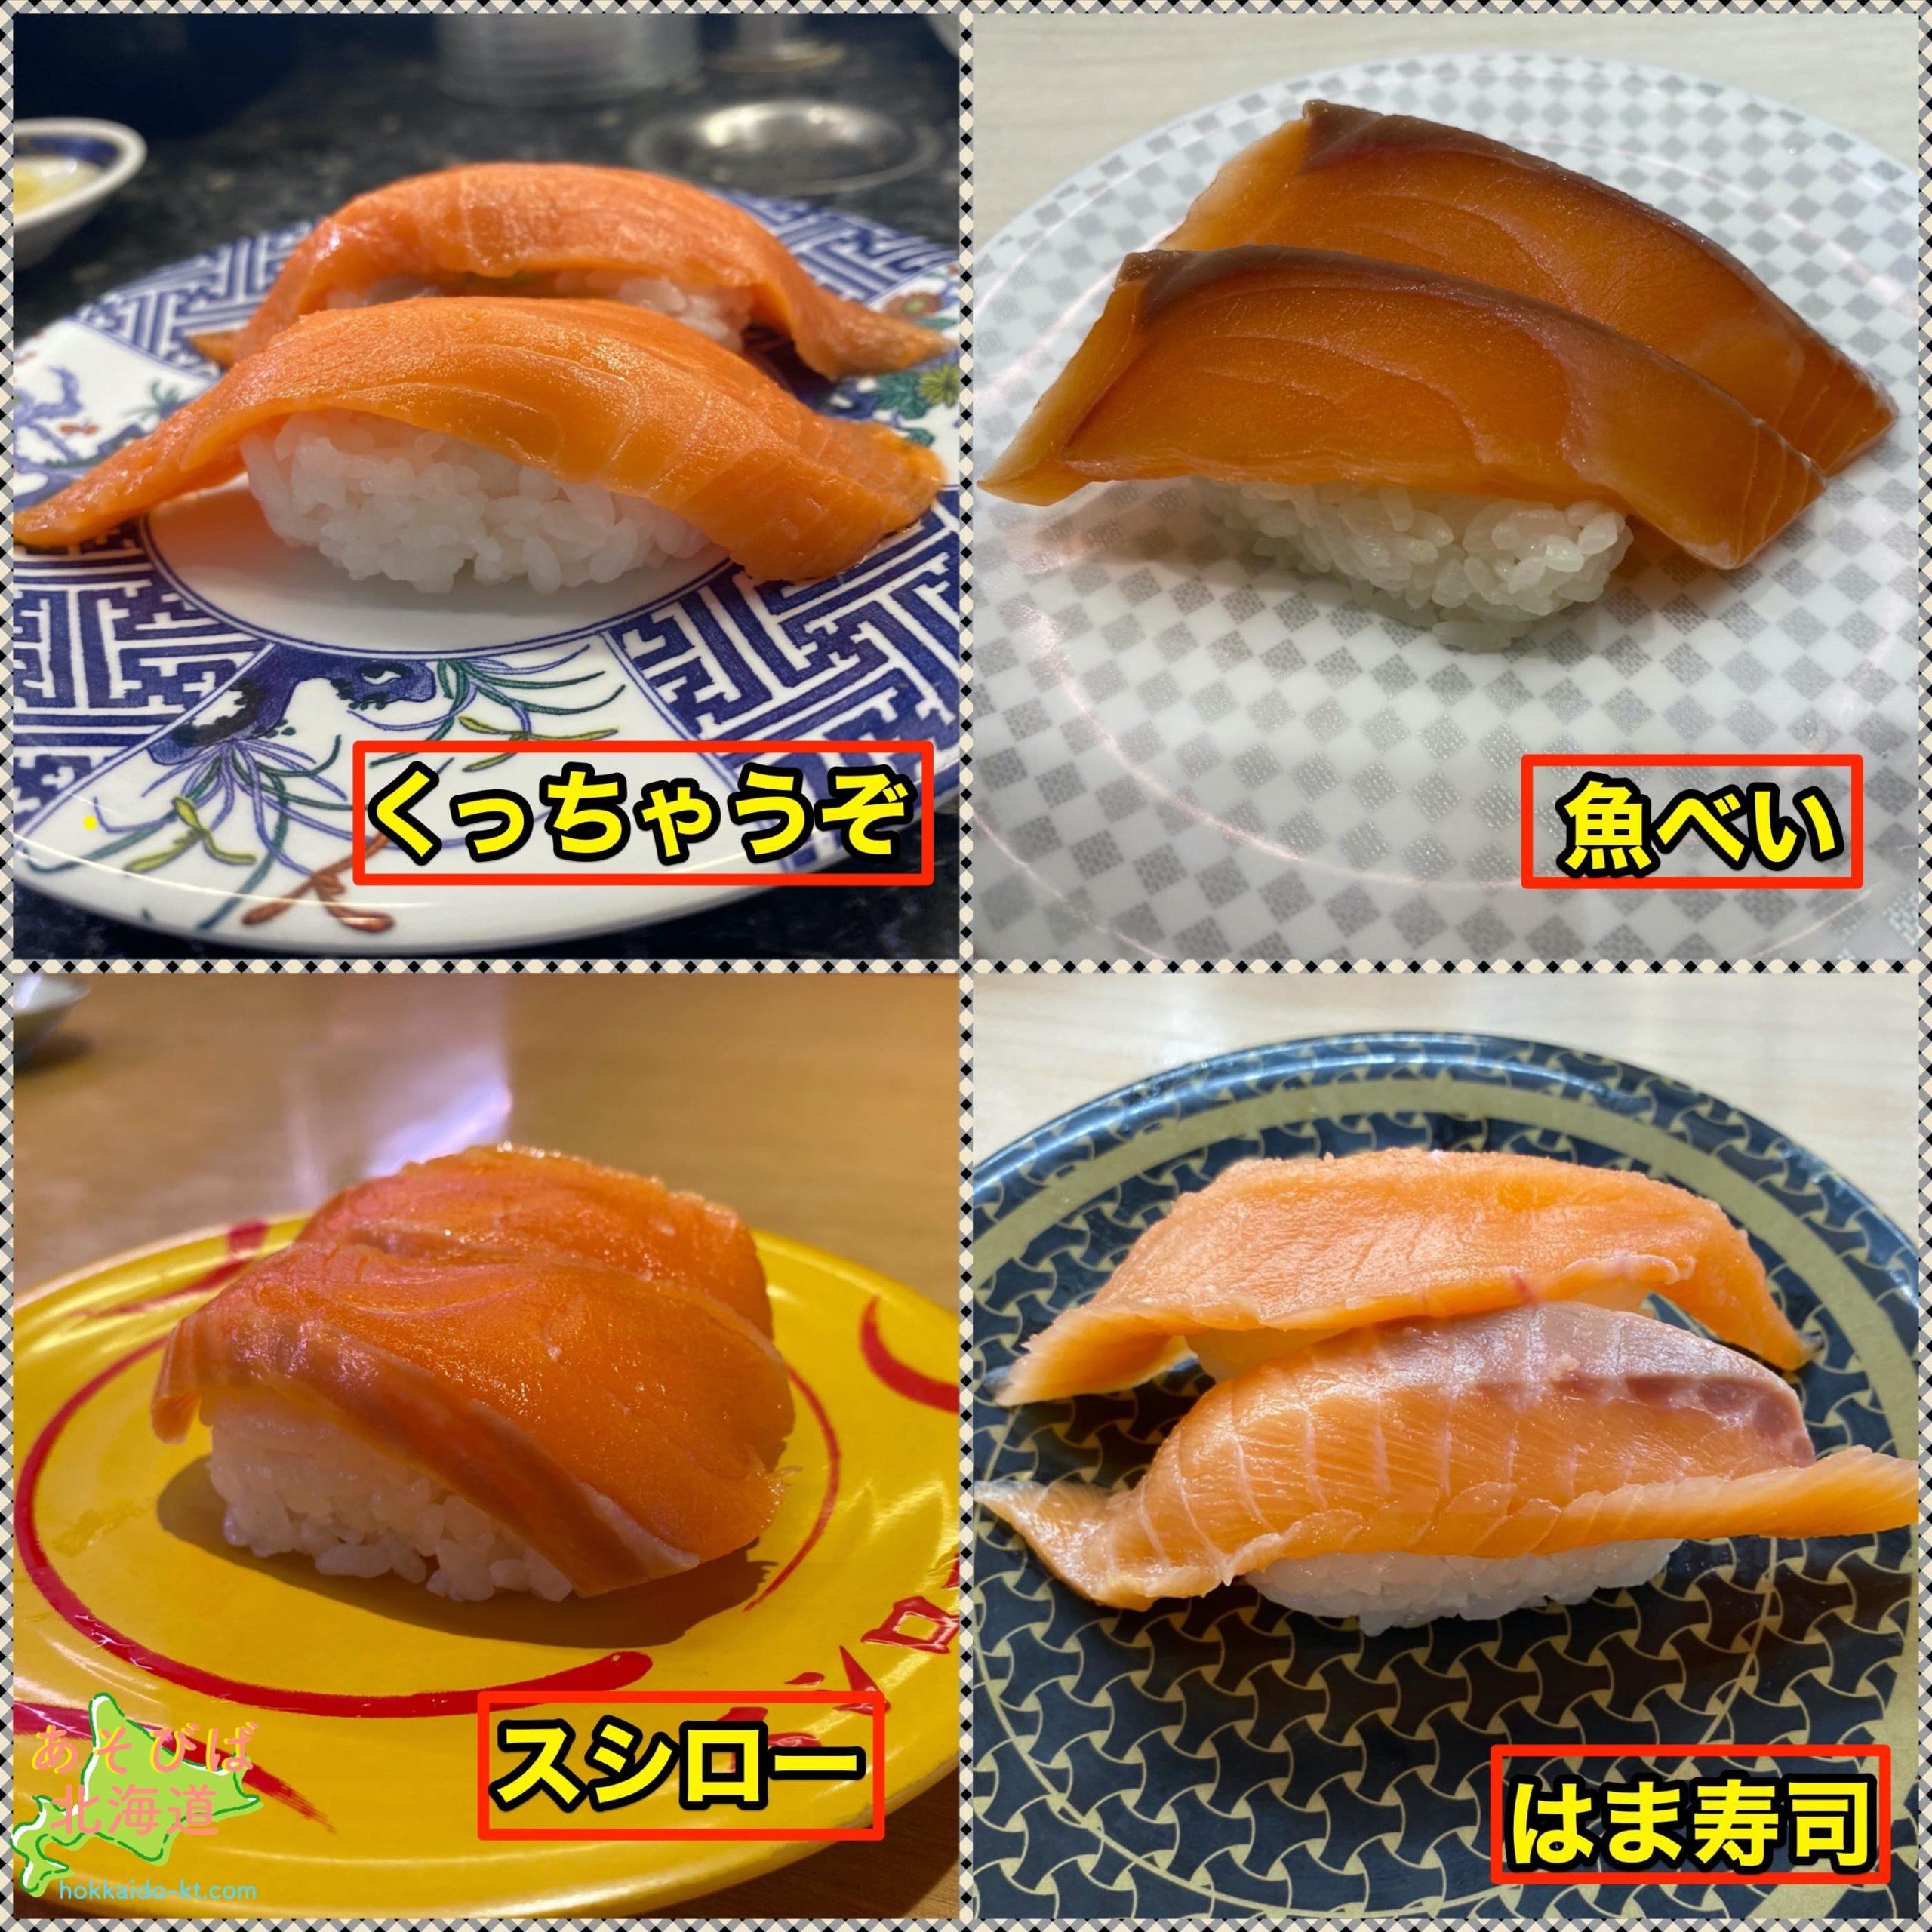 札幌安い寿司サーモン比較